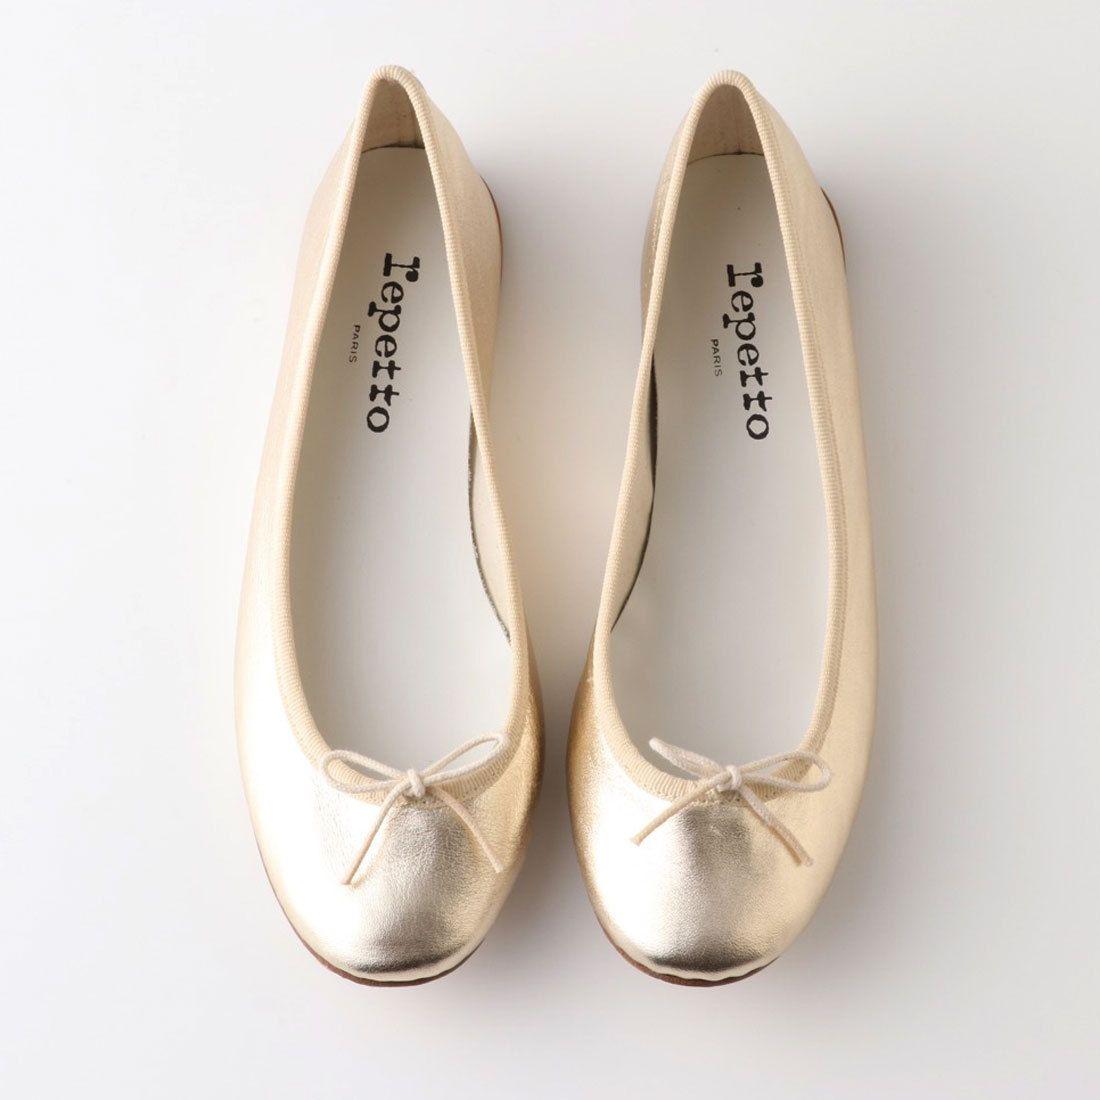 6ee364e8eda5d レペット repetto CENDRILLON (メタリックゴールド)-靴&ファッション通販 ロコンド〜自宅で